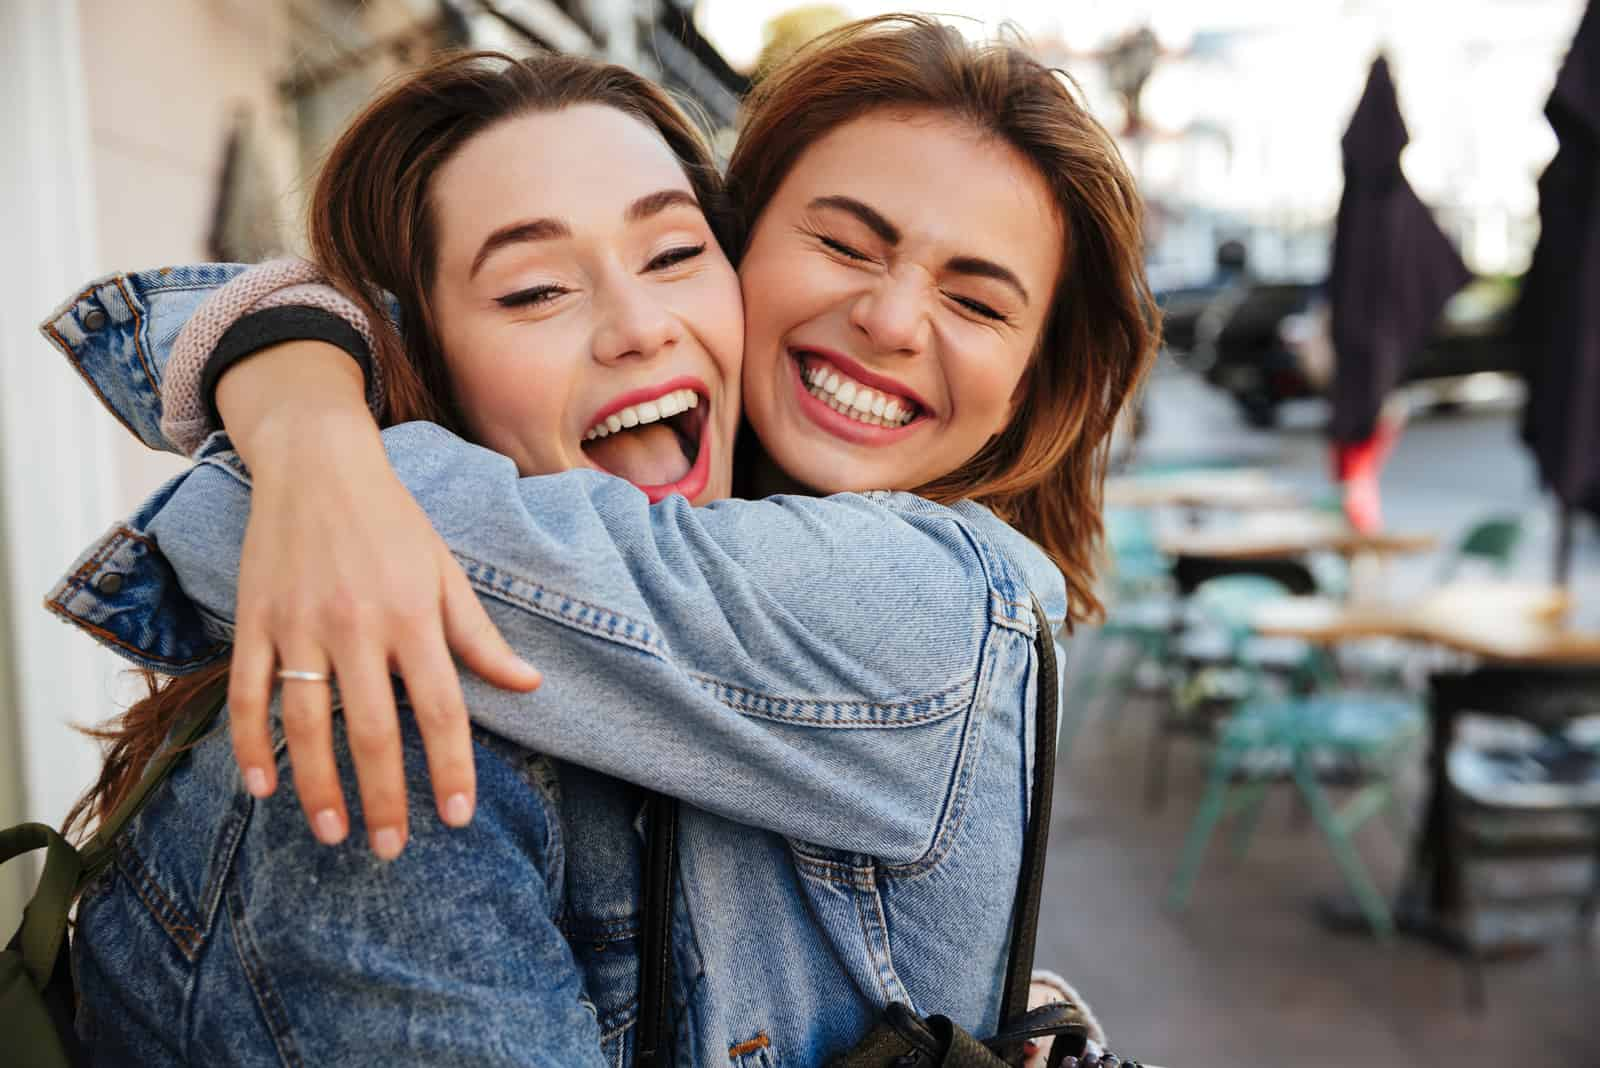 vänner kramar varandra på stadsgatan